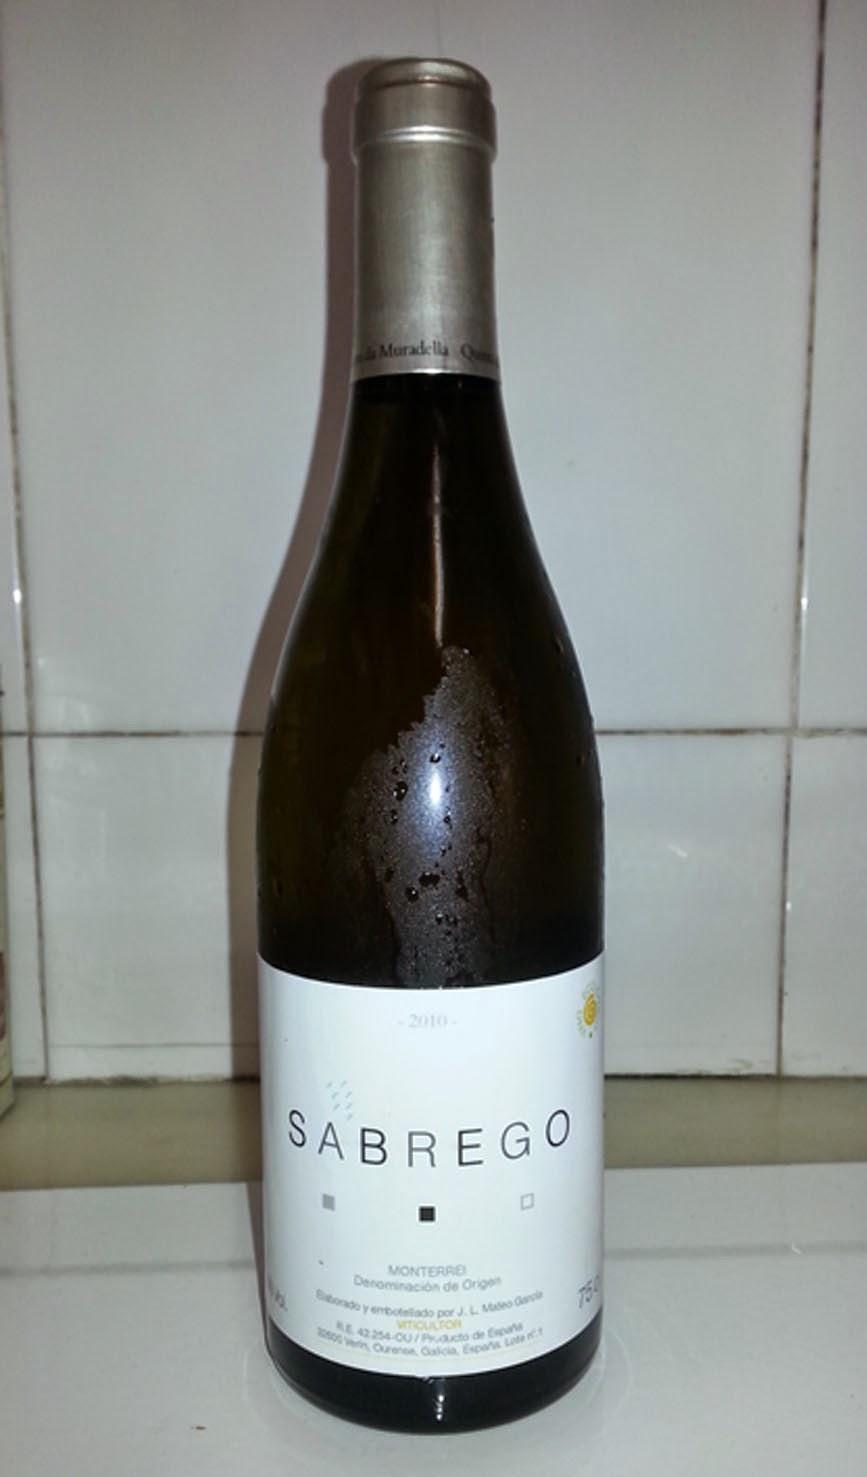 Sabrego 2010, Denominación de Origen Monterrei